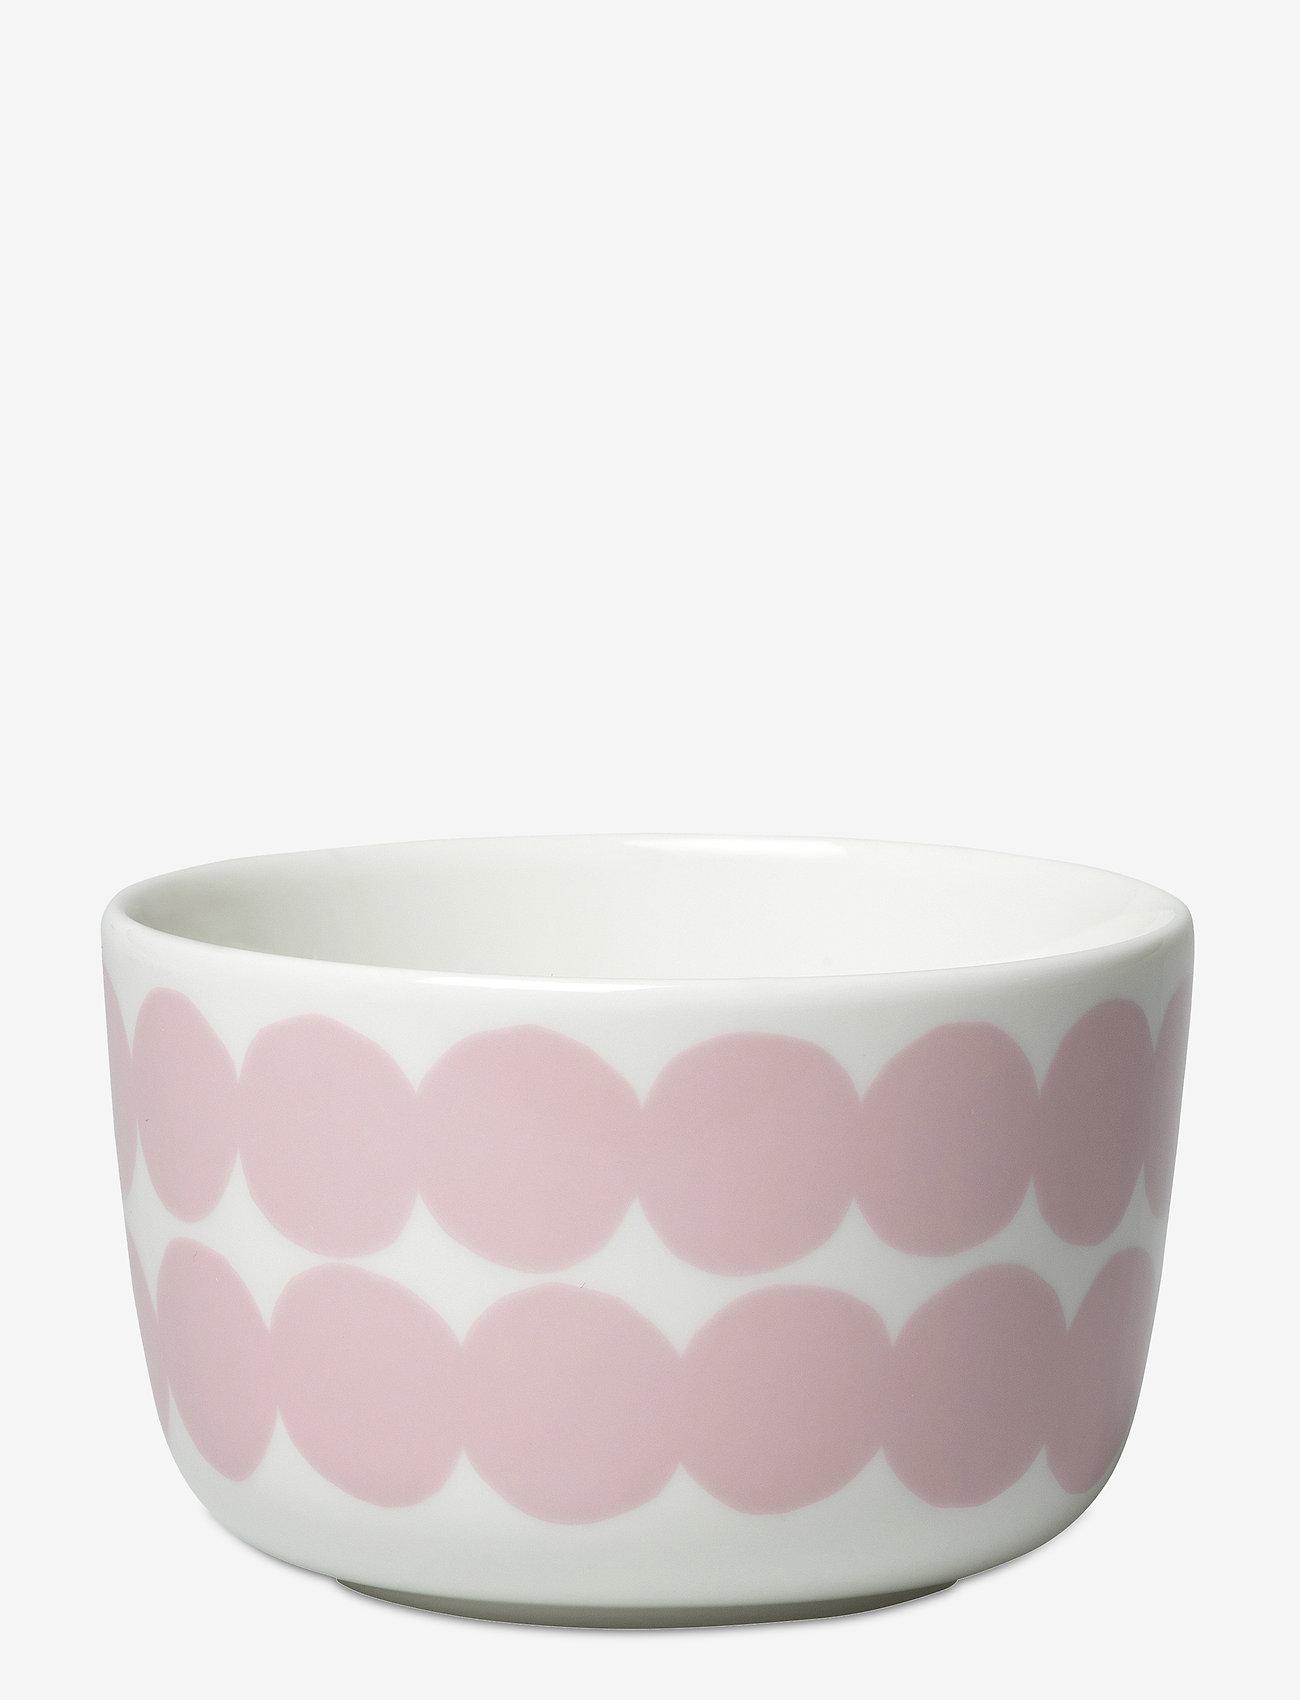 Marimekko Home - SIIRTOLAPUUTARHA BOWL - serveringsskåler - white, pink - 0